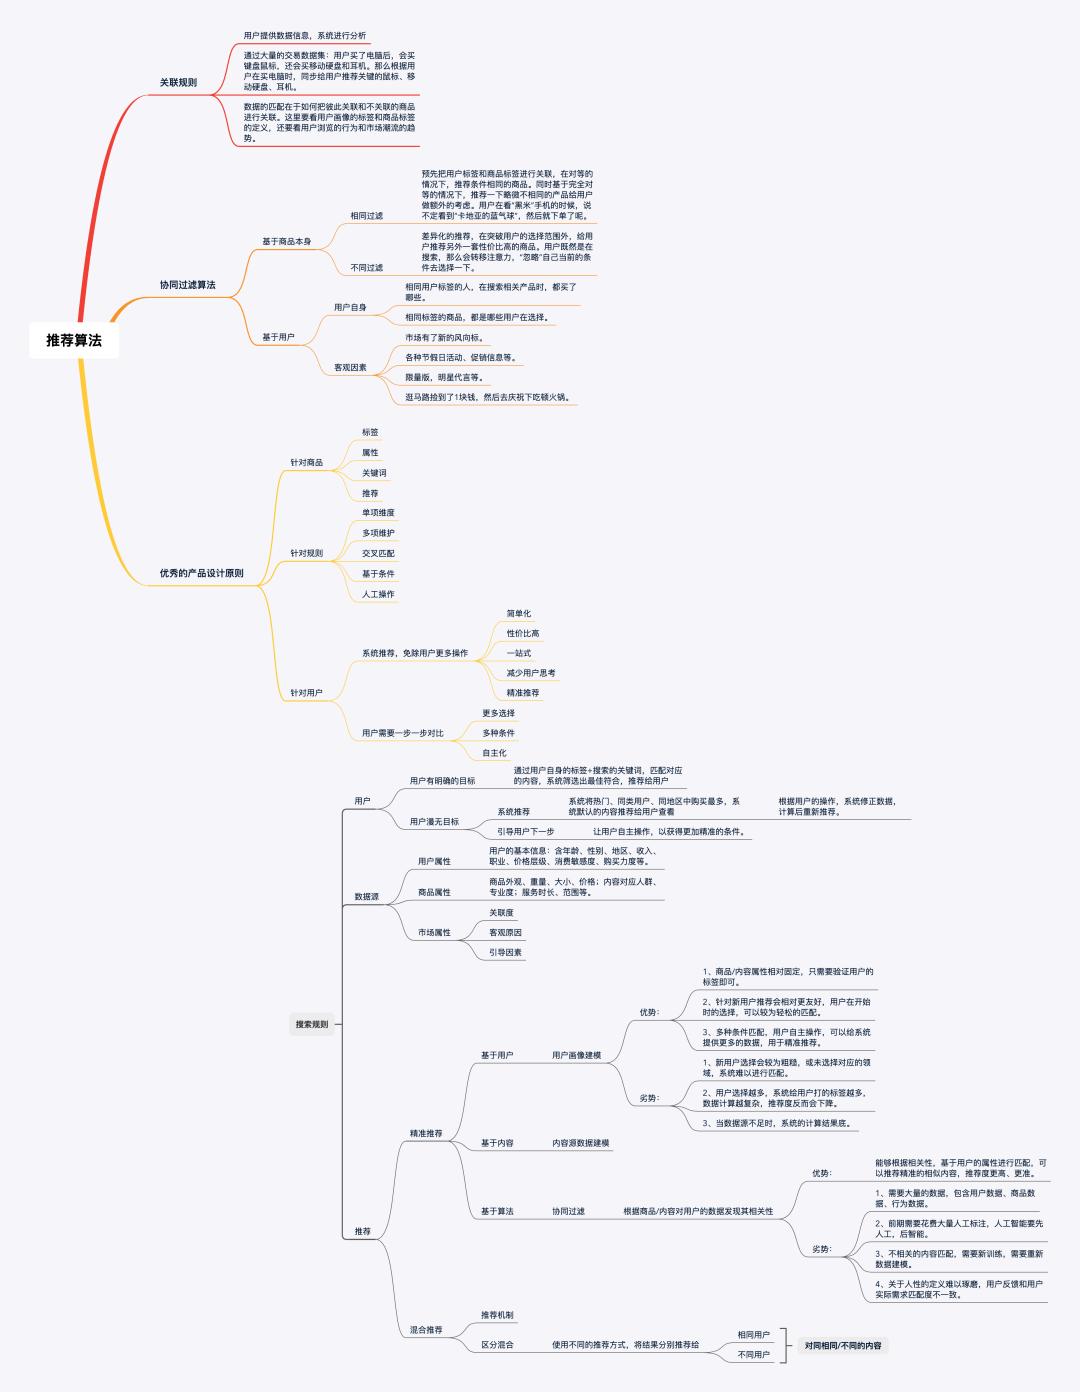 一个不懂算法的产品聊聊推荐应用(附思维导图)